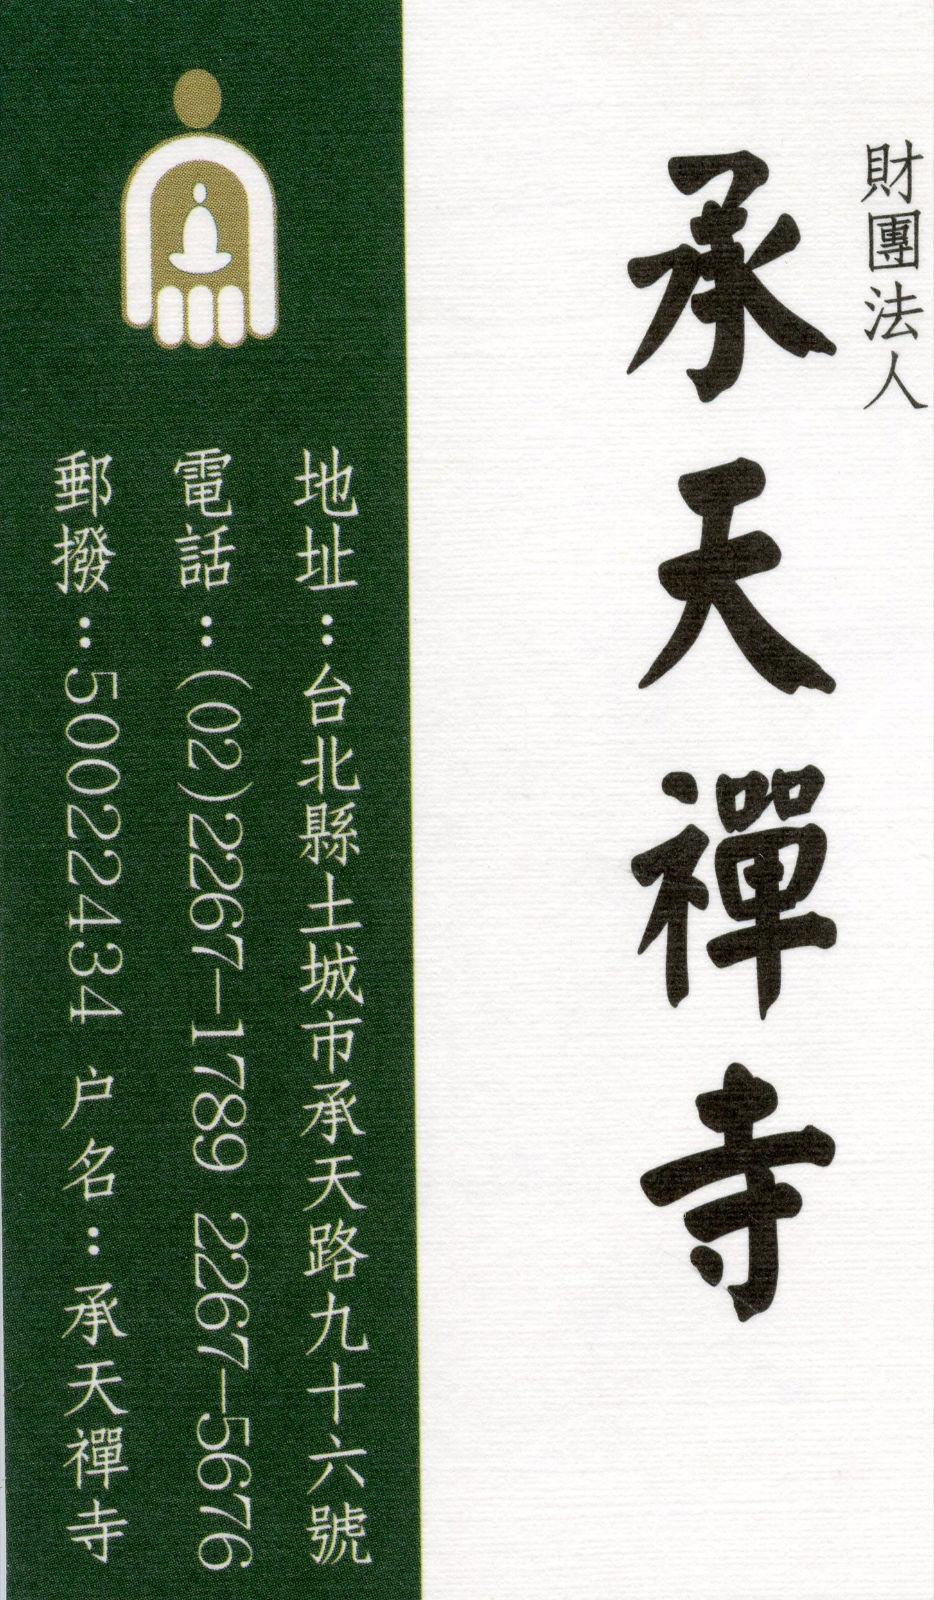 承天禪寺名片正面